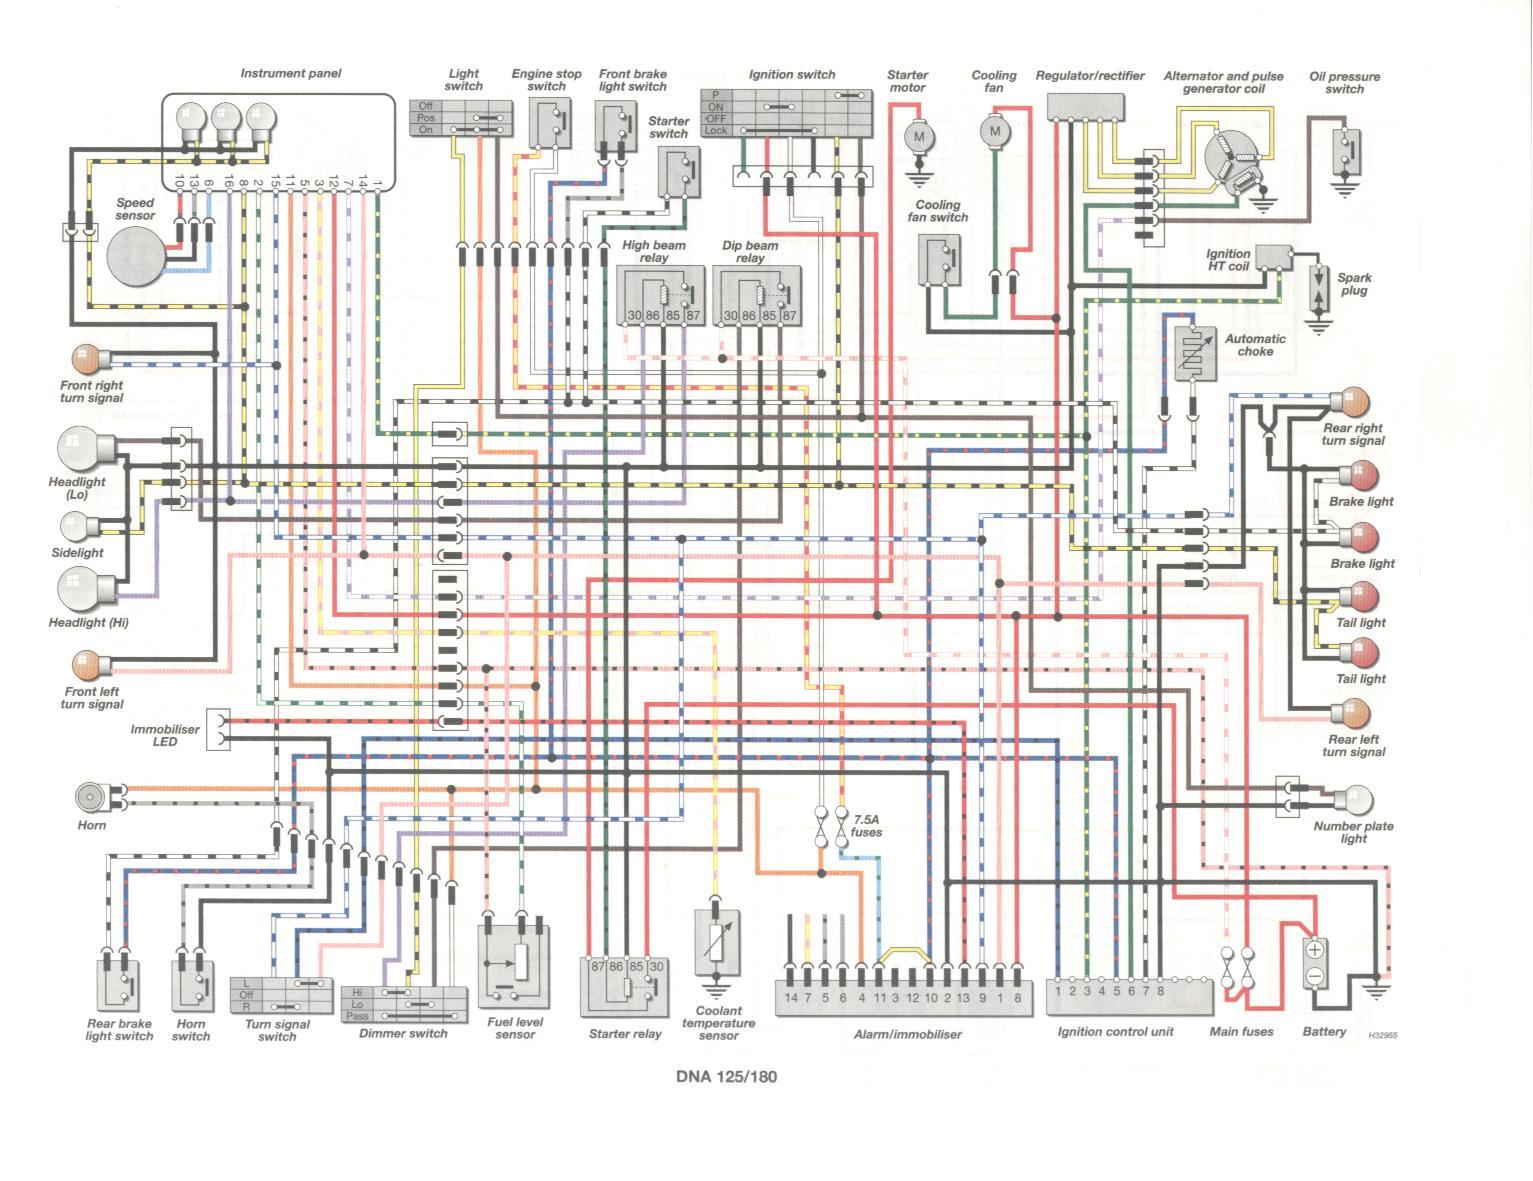 Схема электрооборудования скутеров Gilera DNA 125/180